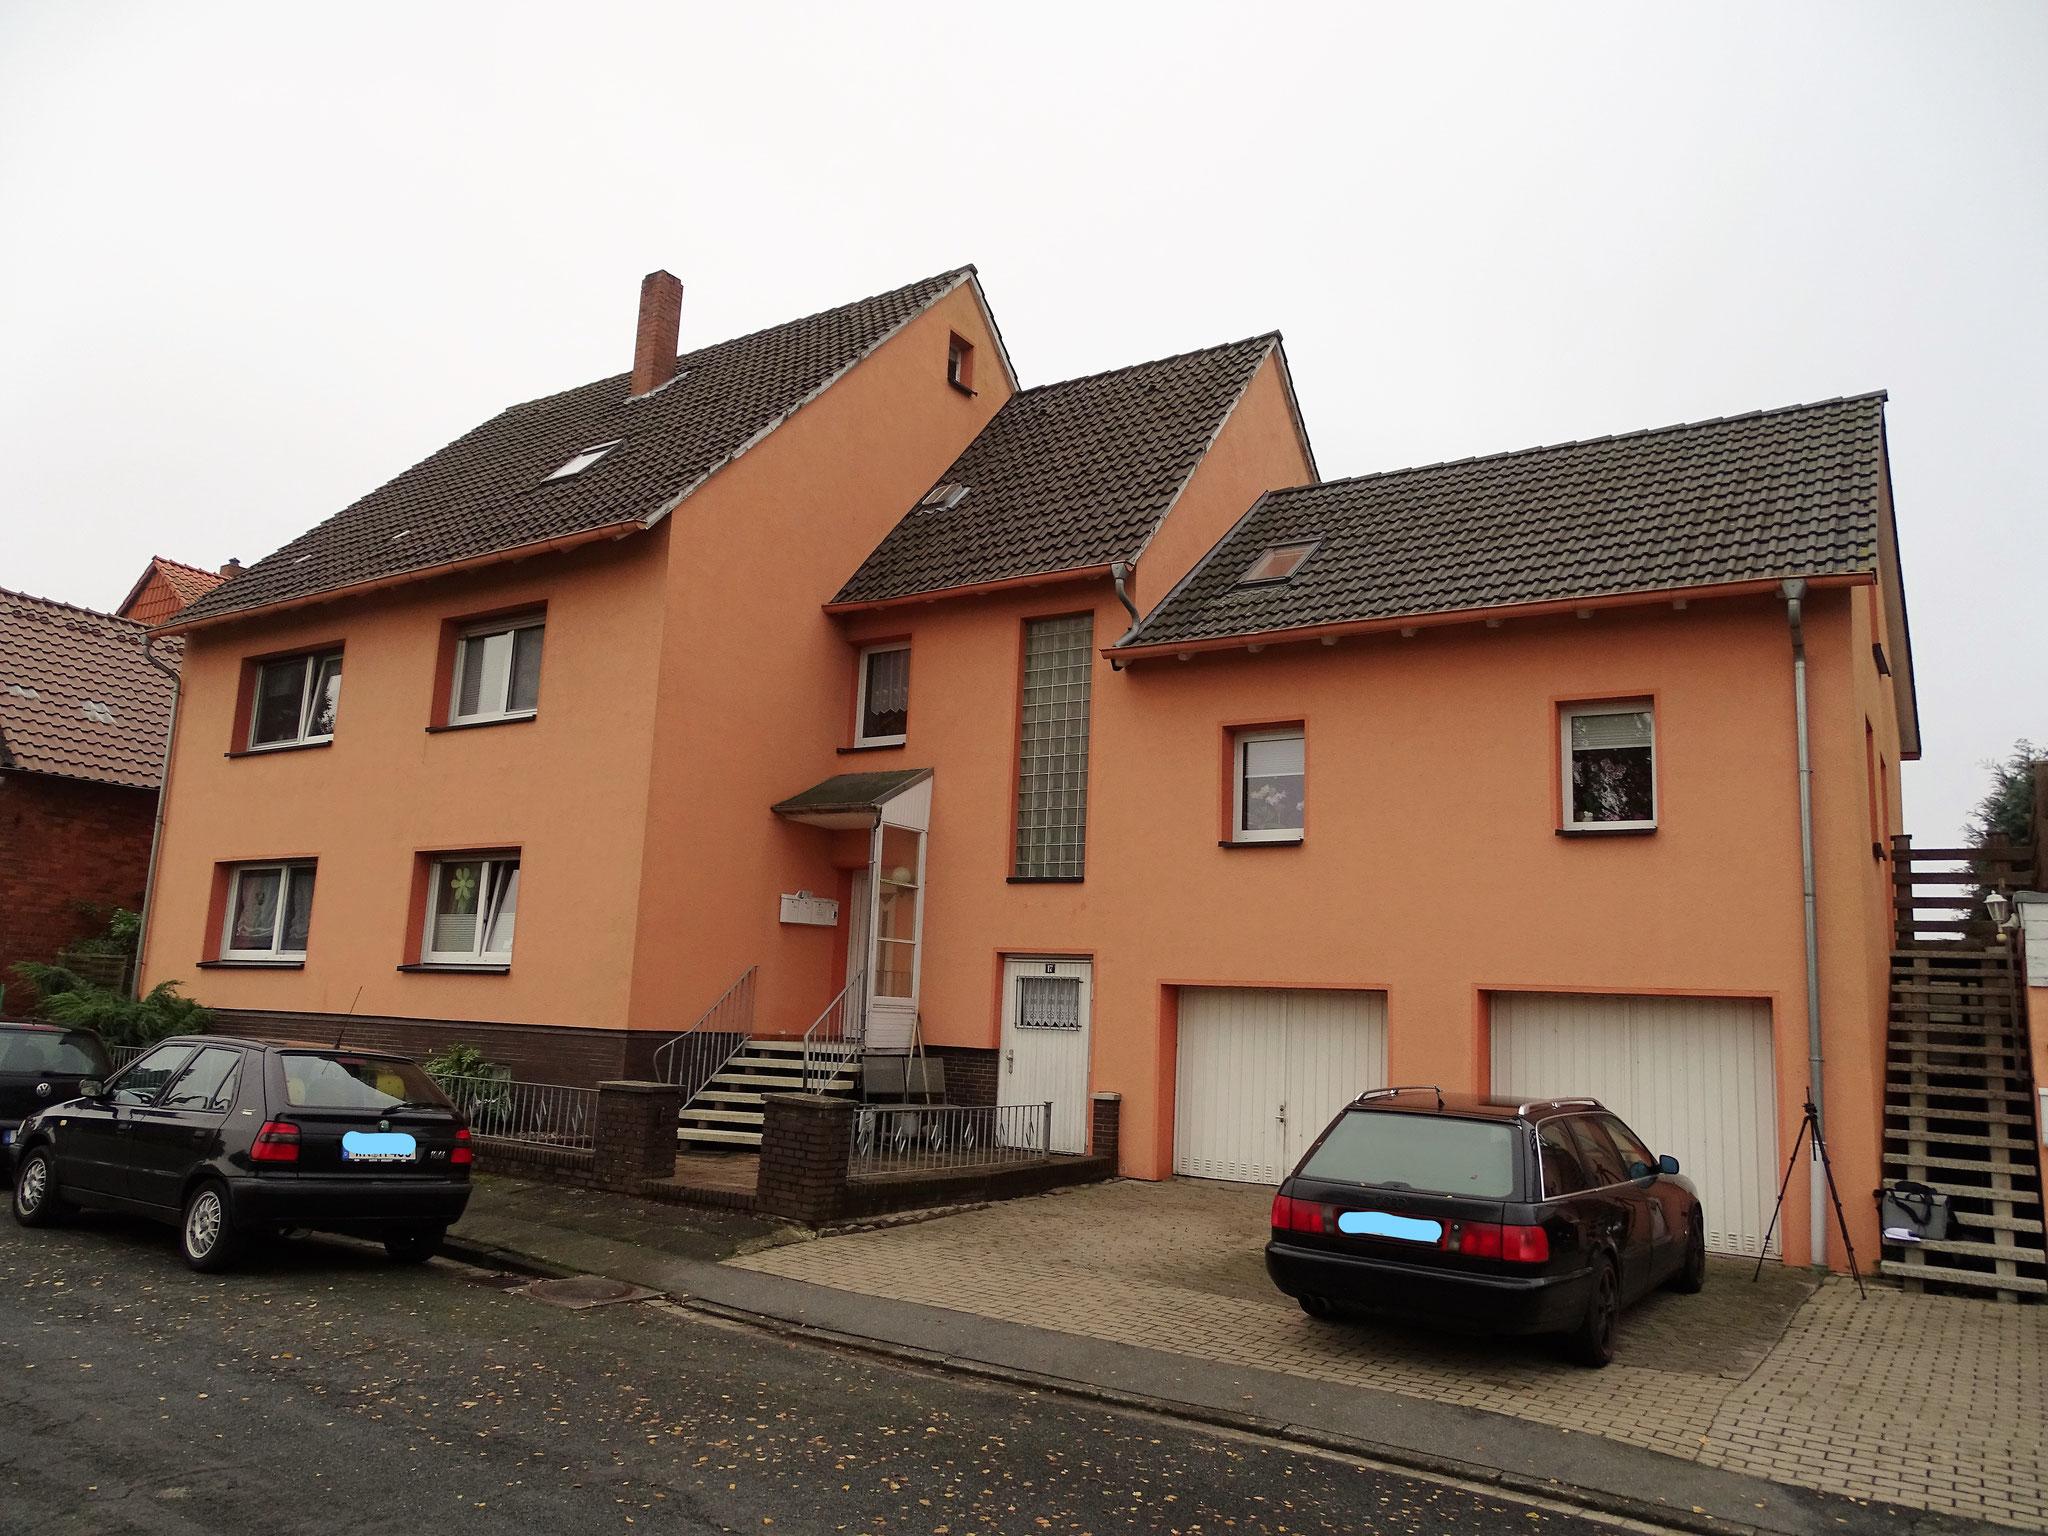 Kapitalanlage verkauft in Ilsede - Klein Solschen